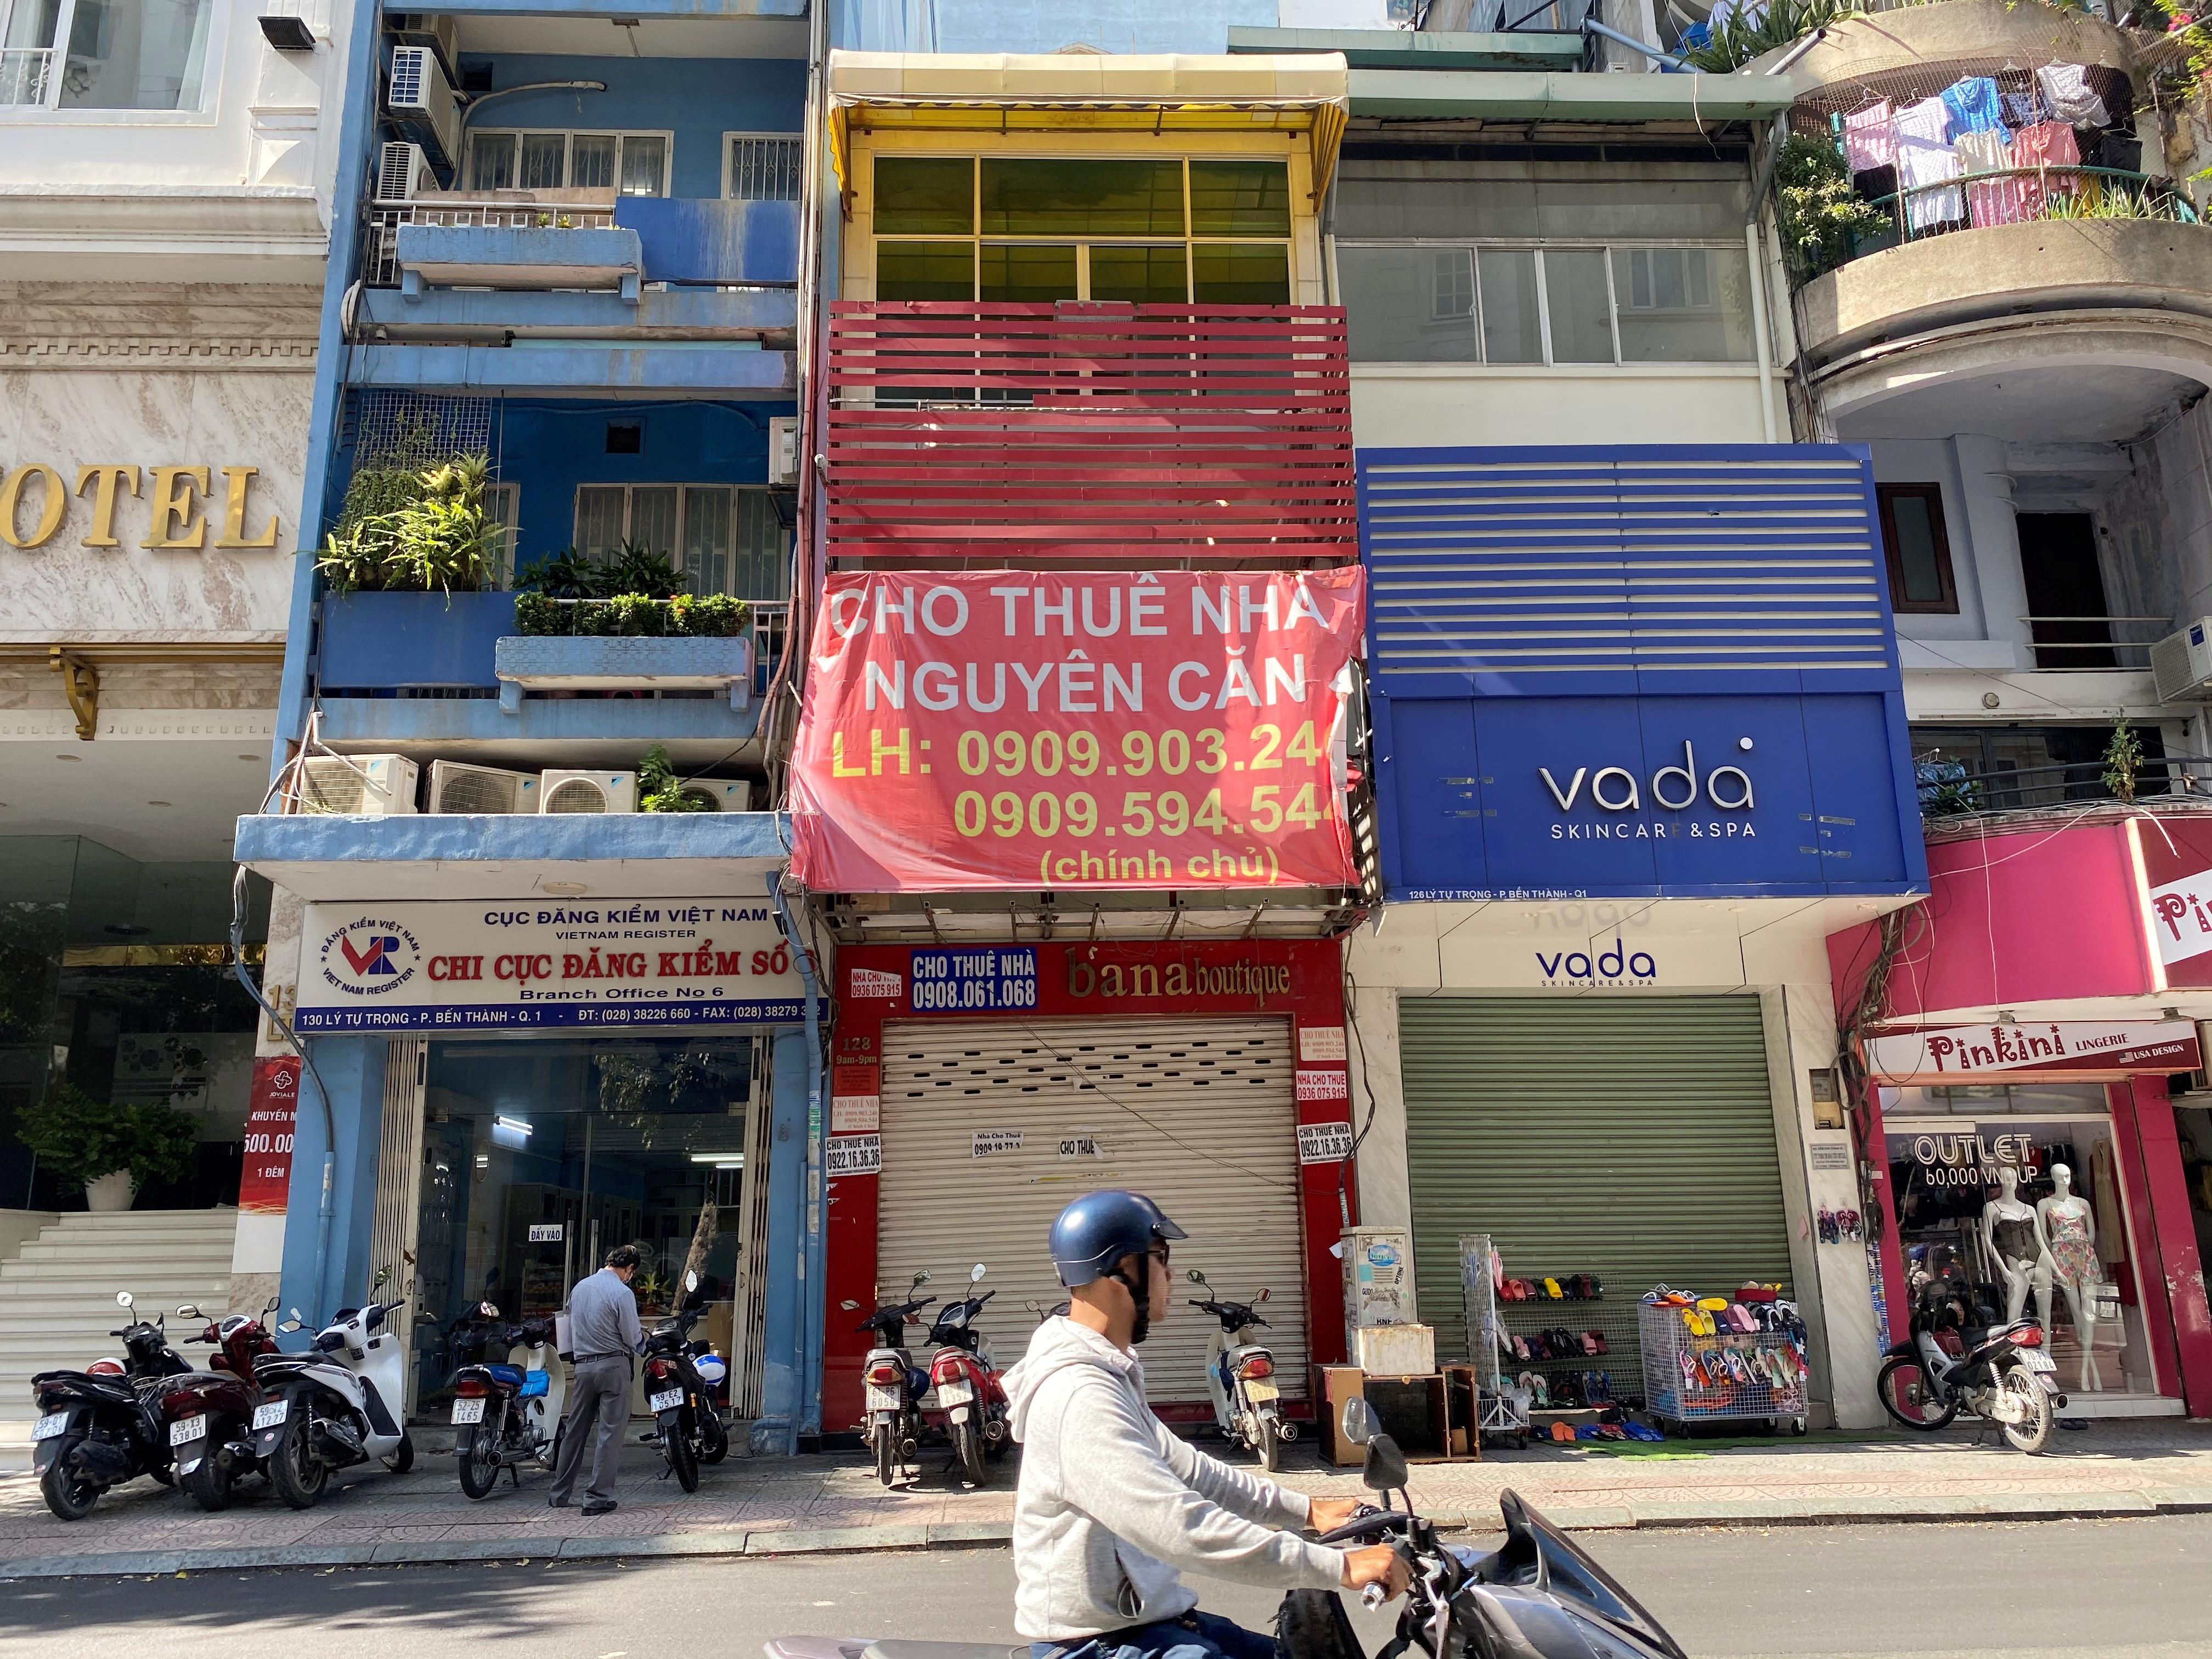 """Giảm giá 80 triệu đồng/tháng, đất vàng Sài Gòn """"khát"""" người thuê - Ảnh 1."""